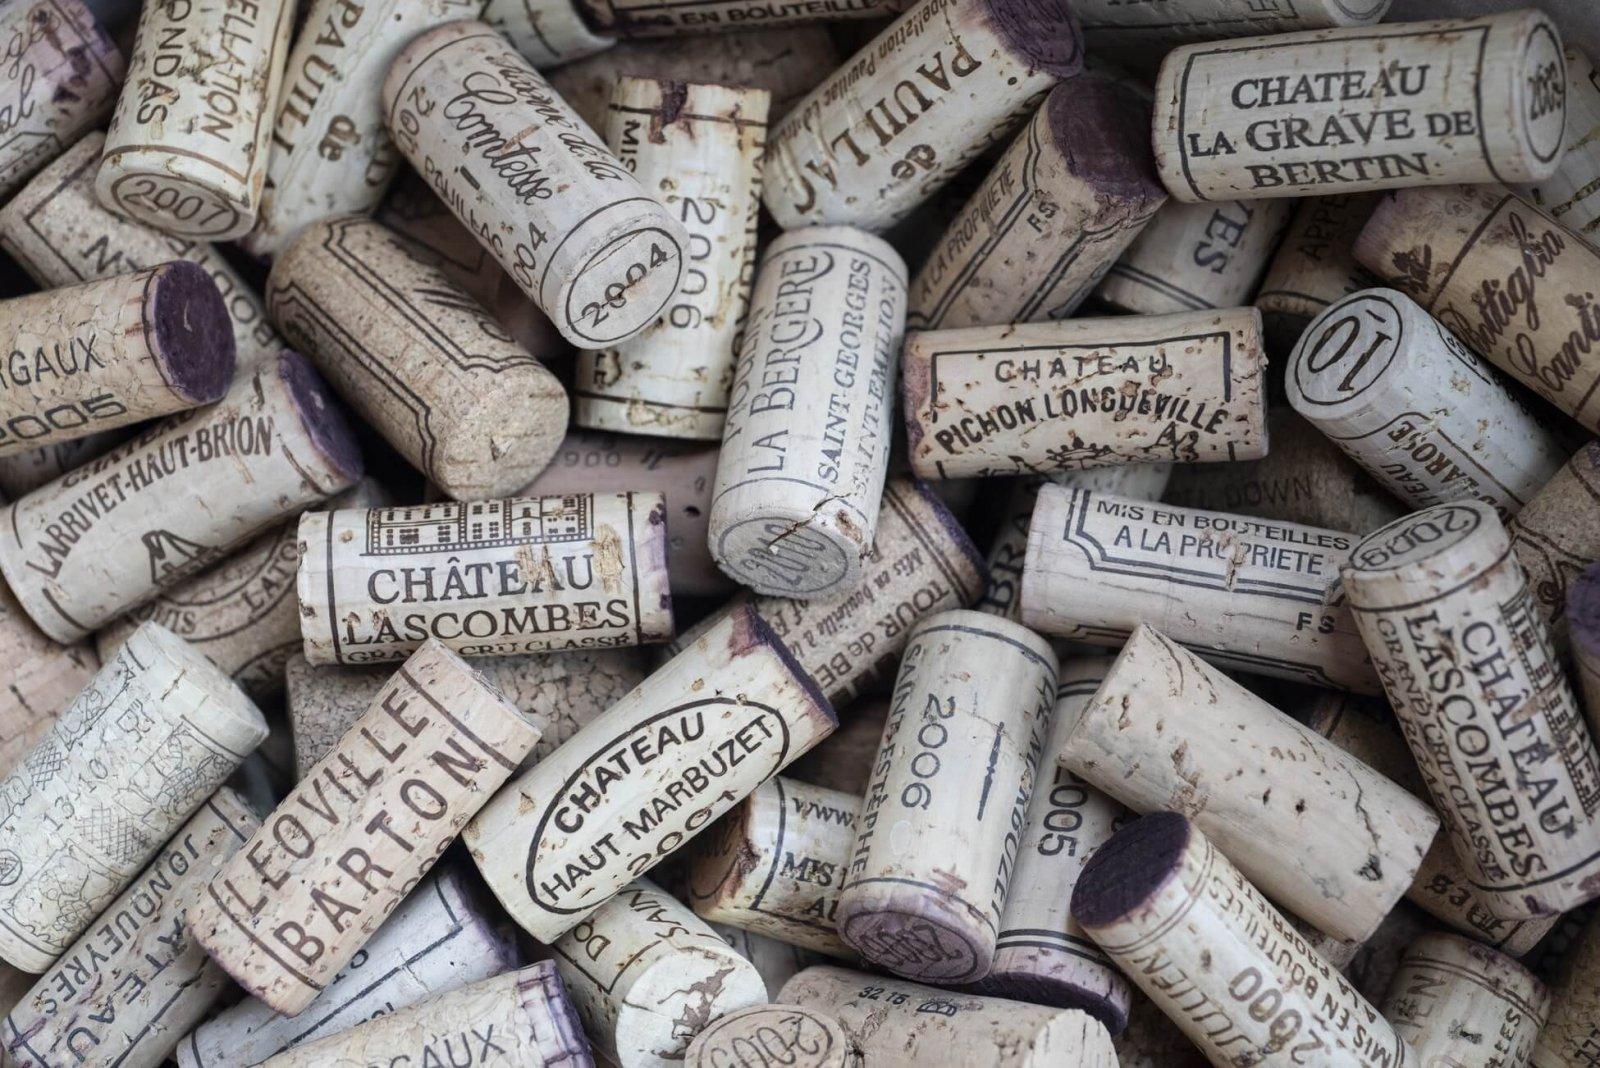 מה ההבדל בין יין יבש, יין חצי יבש ויין מתוק